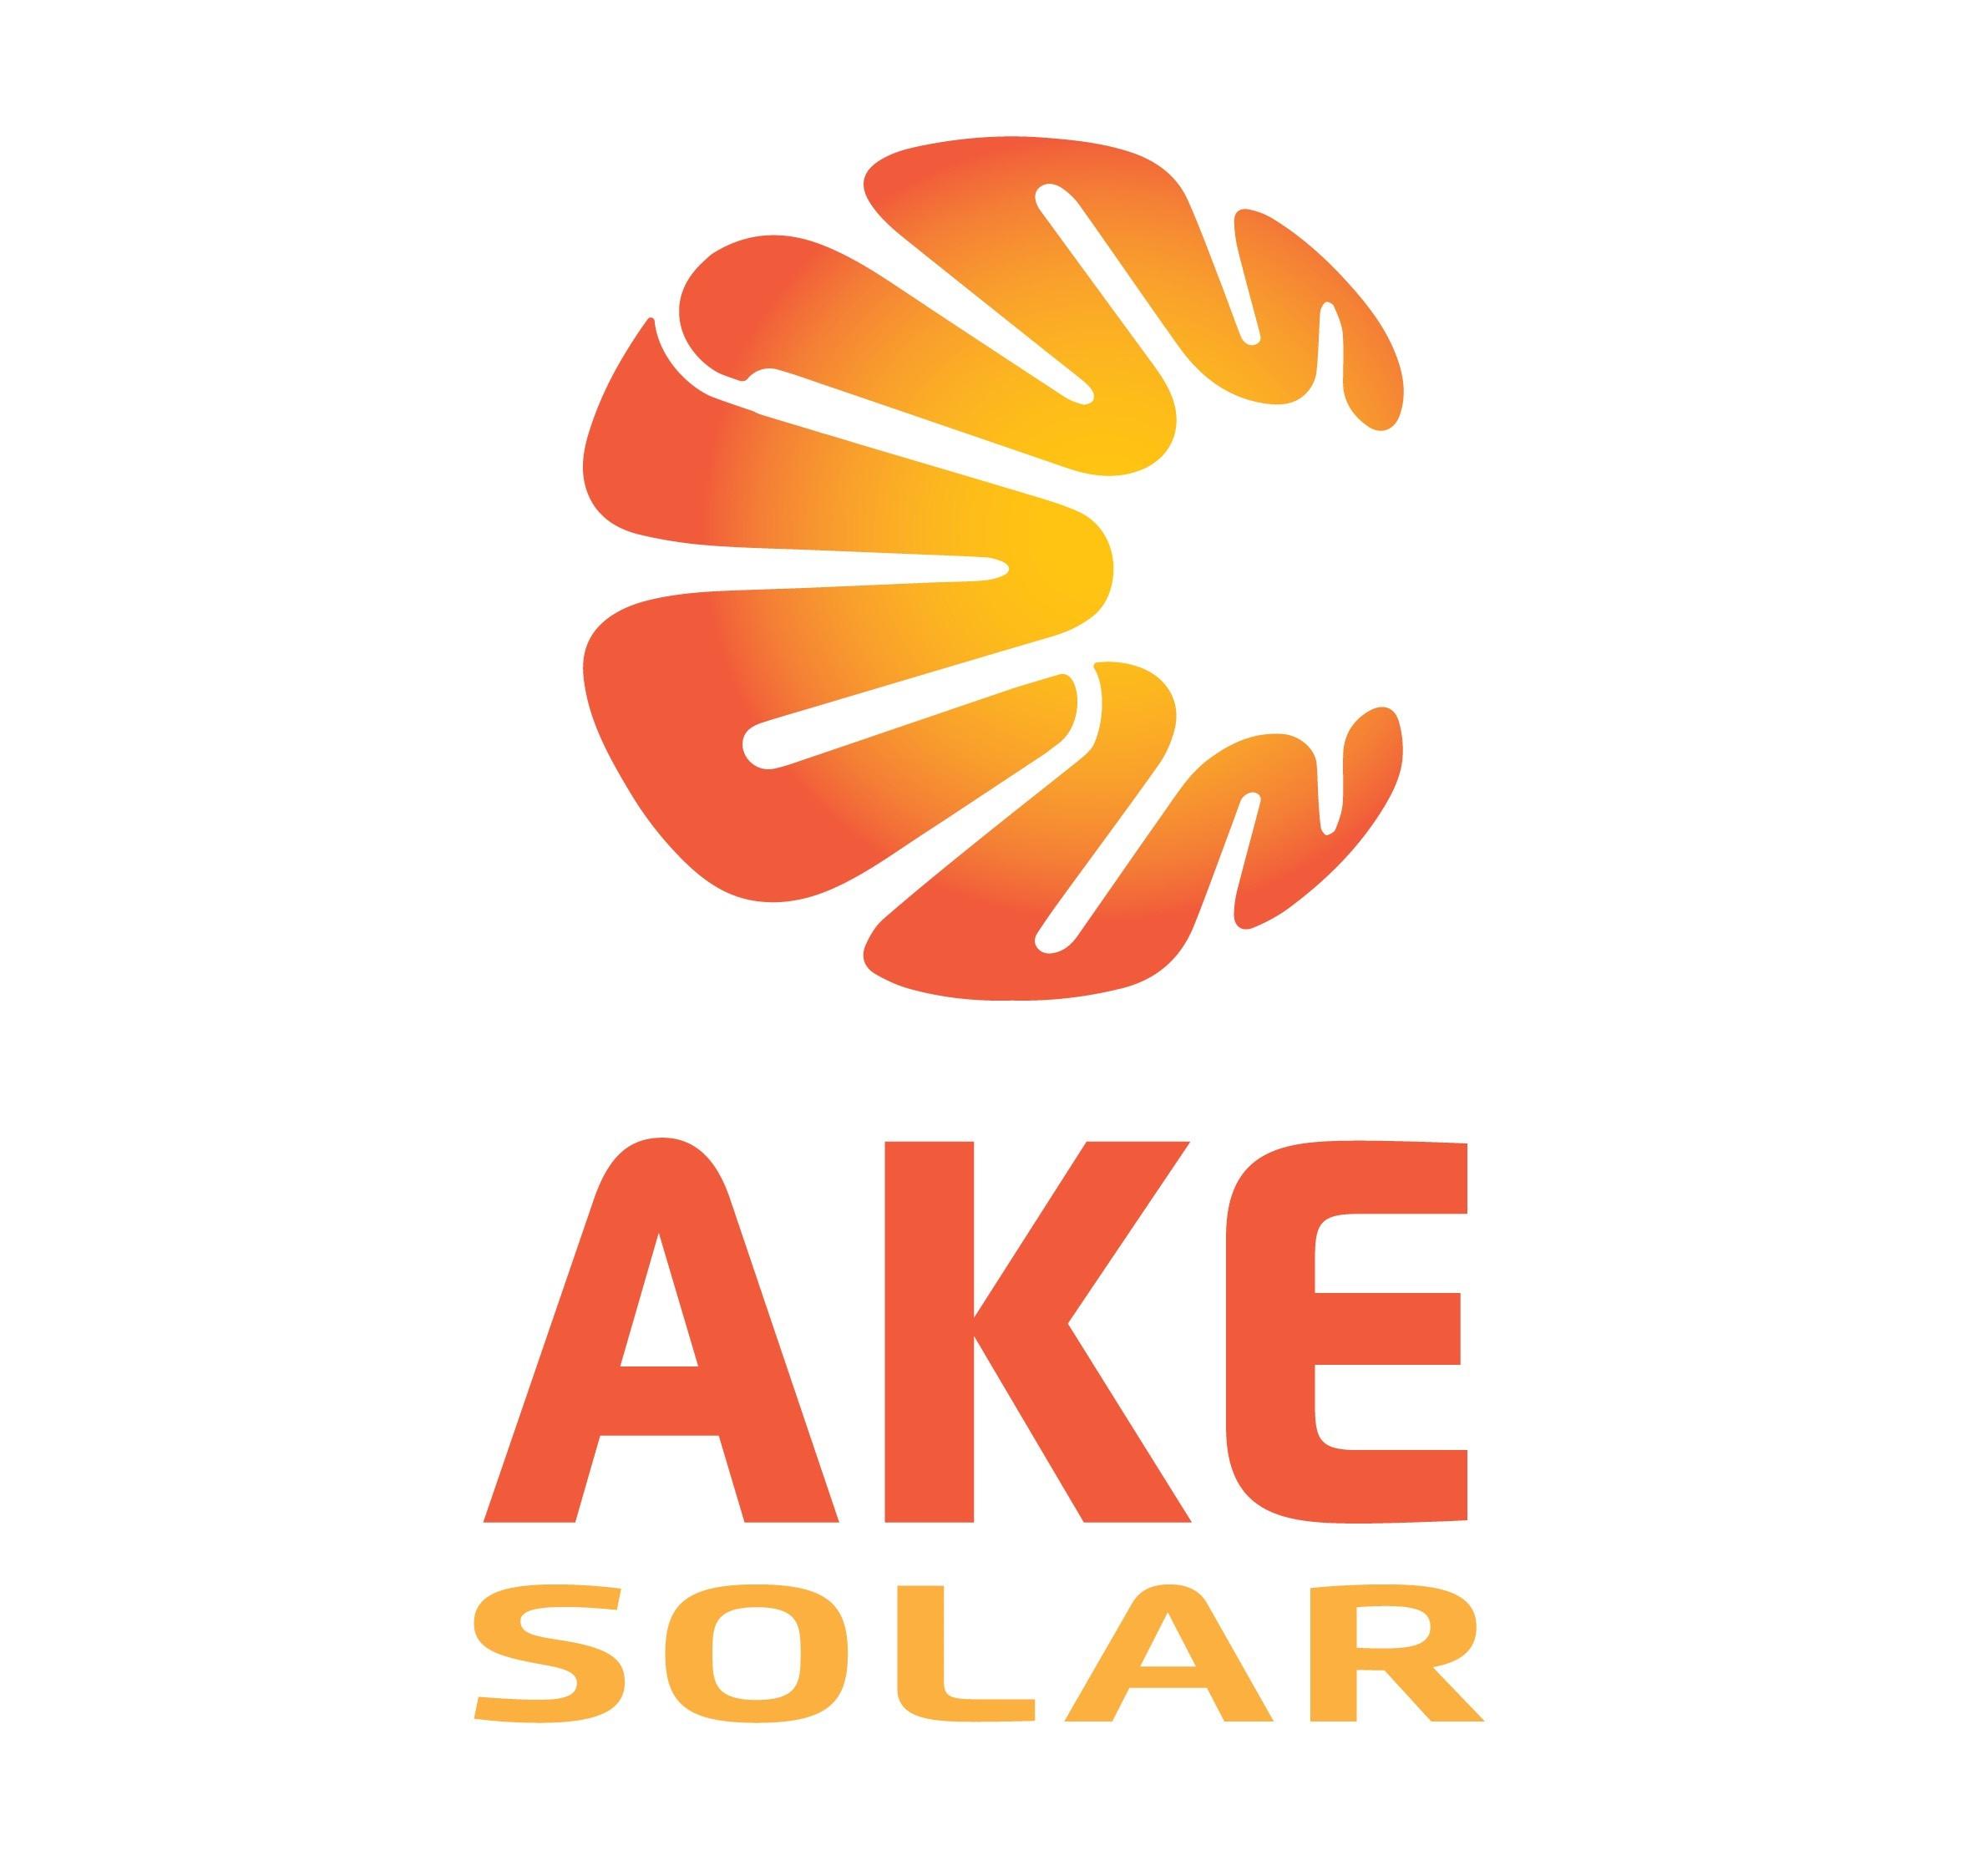 AKE Solar